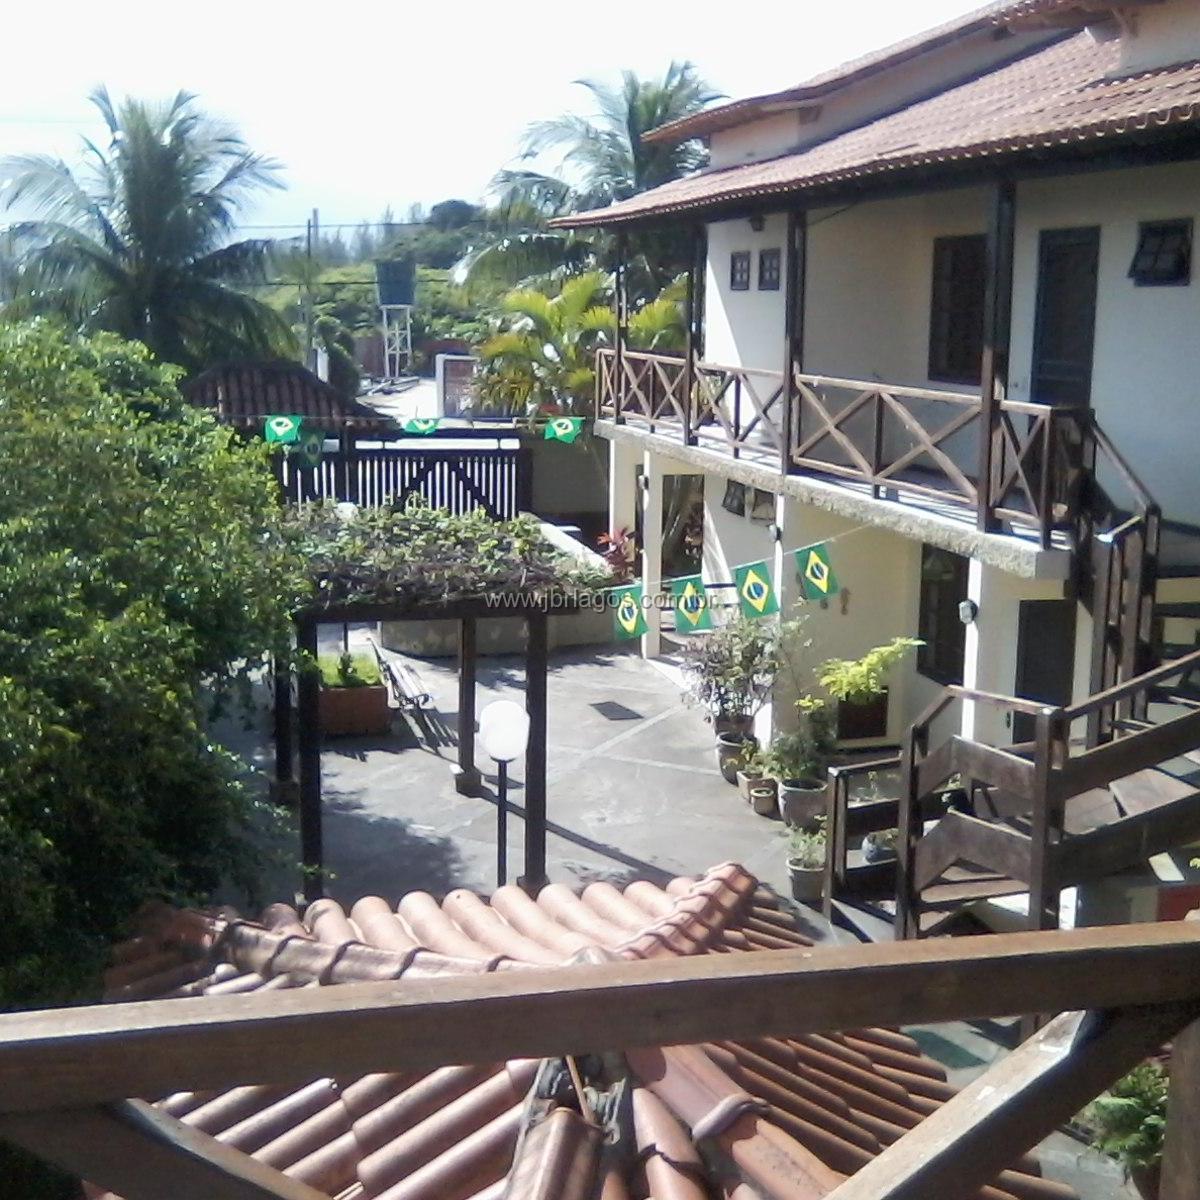 Casa en Venda de 2 quartos Praia Grande